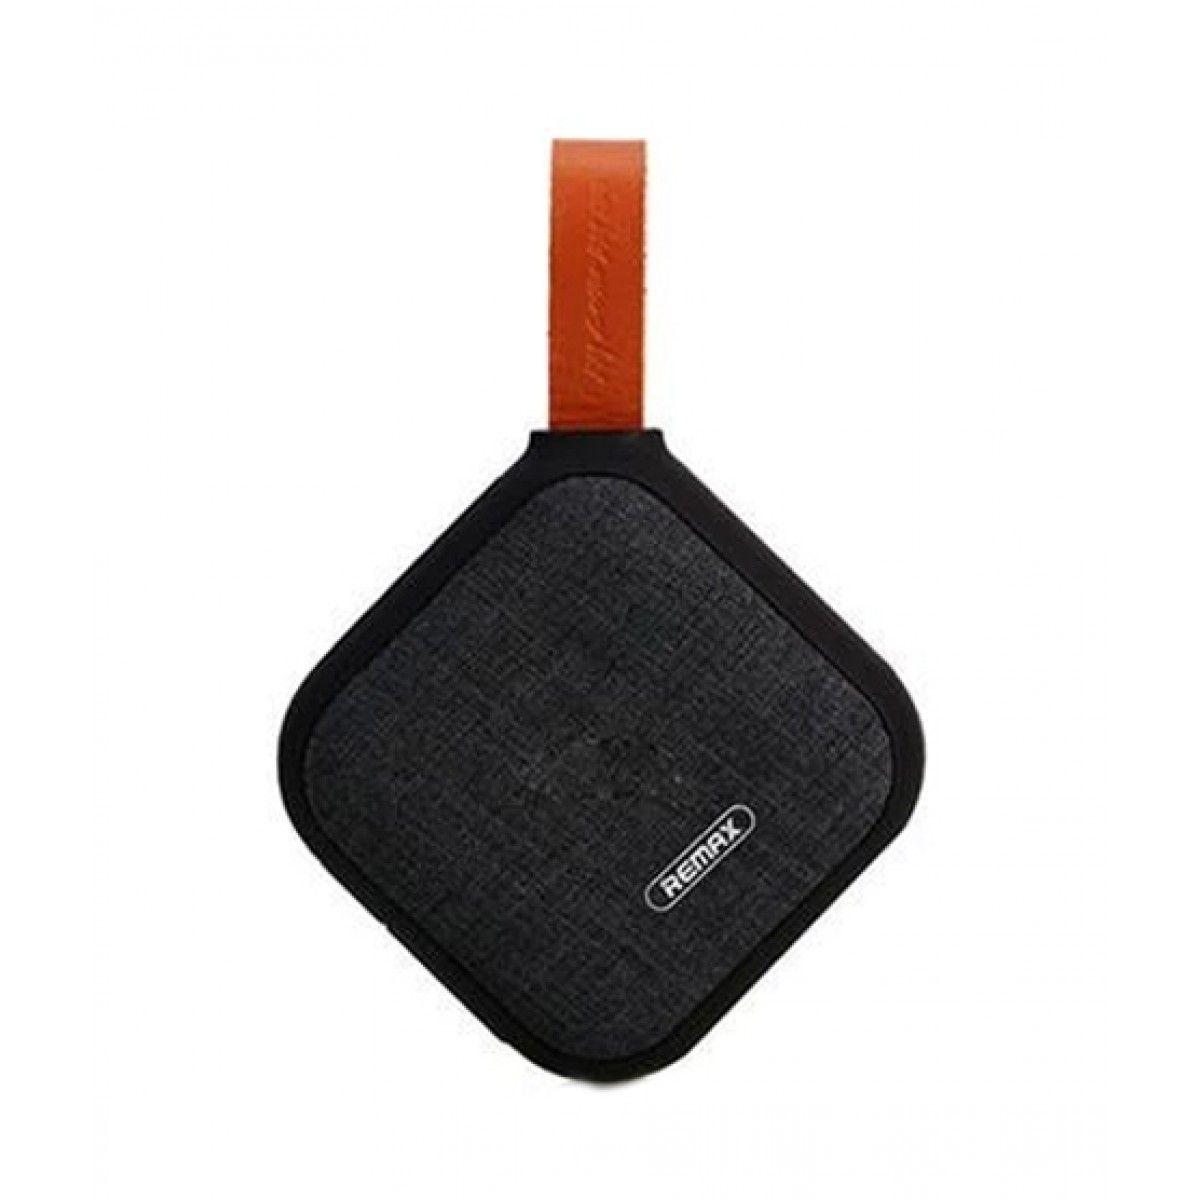 Remax Unique Portable Fabric Bluetooth Speaker RB-M15